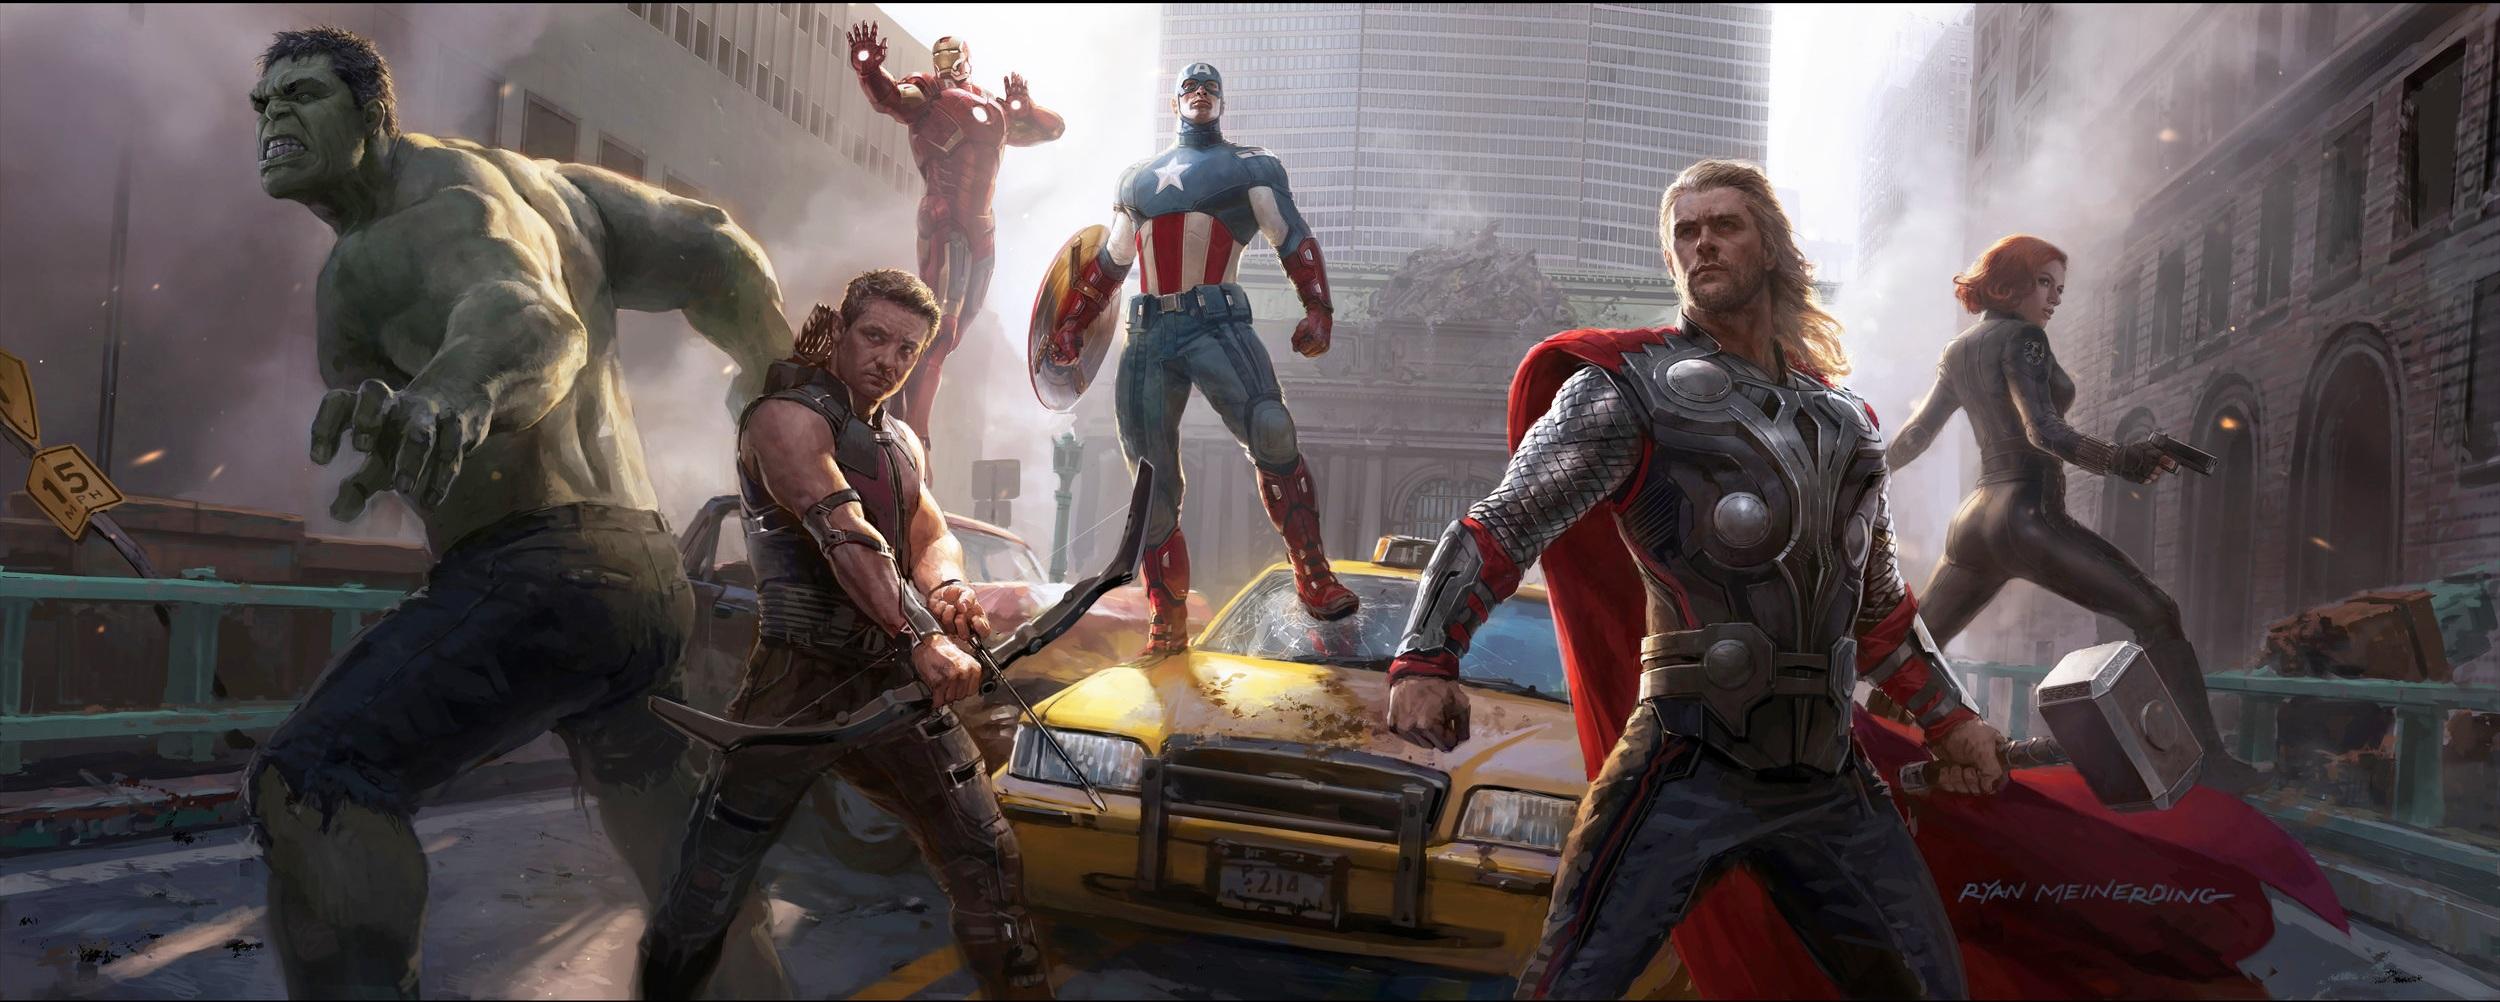 avengers_printBrighter.jpg